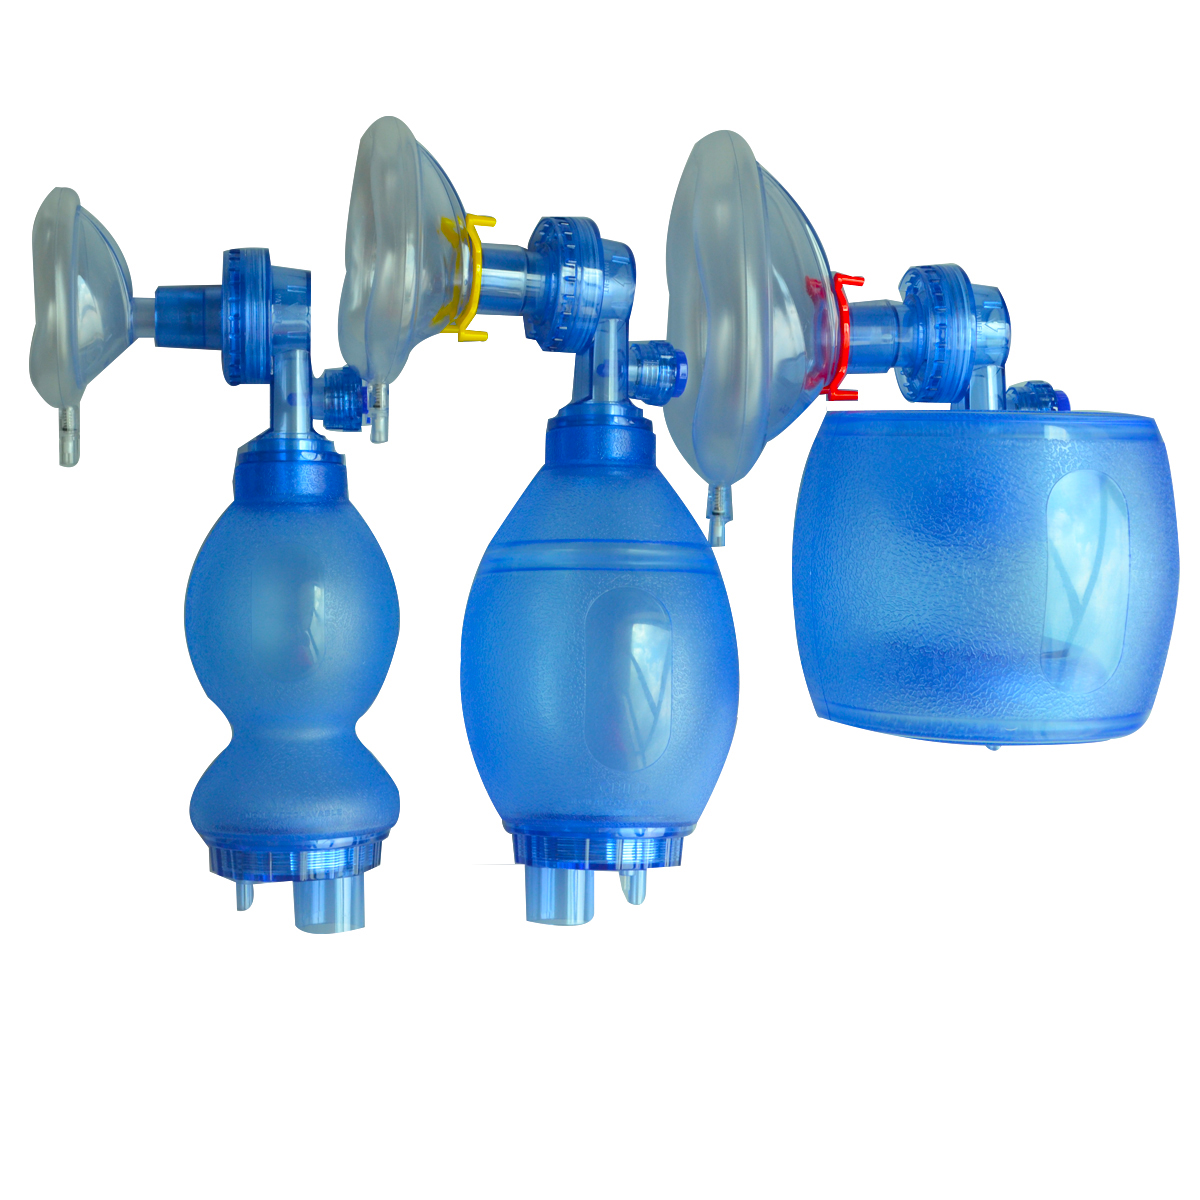 Ръчен ресусцитатор за еднократна употреба с PVC торбичка с торбичка за кислород Калъф за лице за маска за възрастни или деца